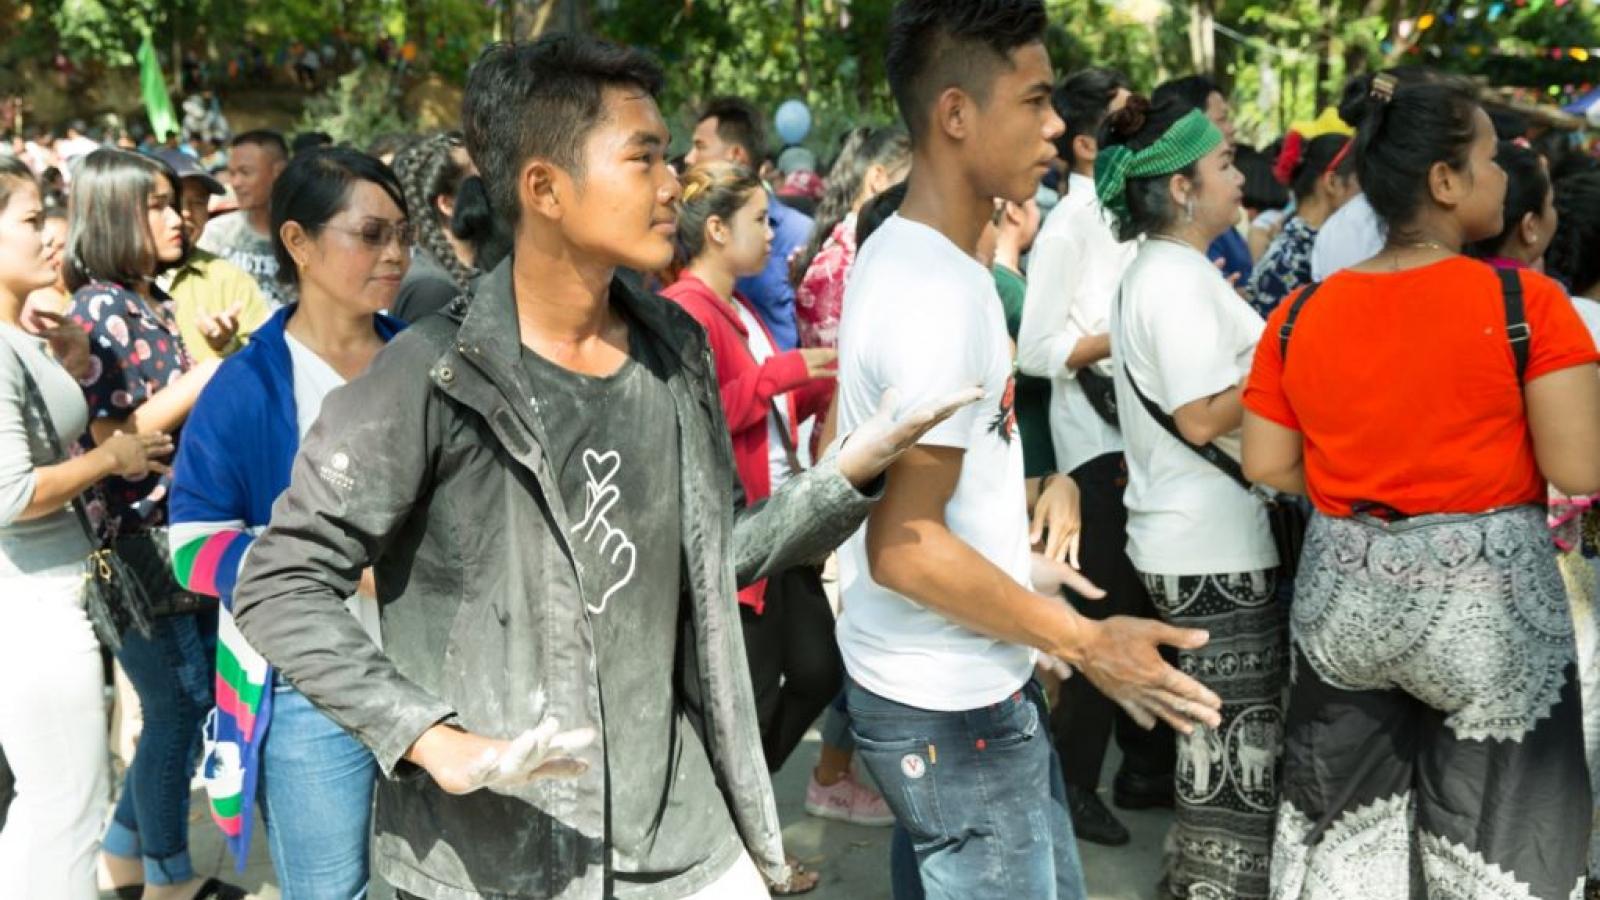 Campuchia cho người dân nghỉ bù 5 ngày Tết cổ truyền Chol Chhnam Thmay